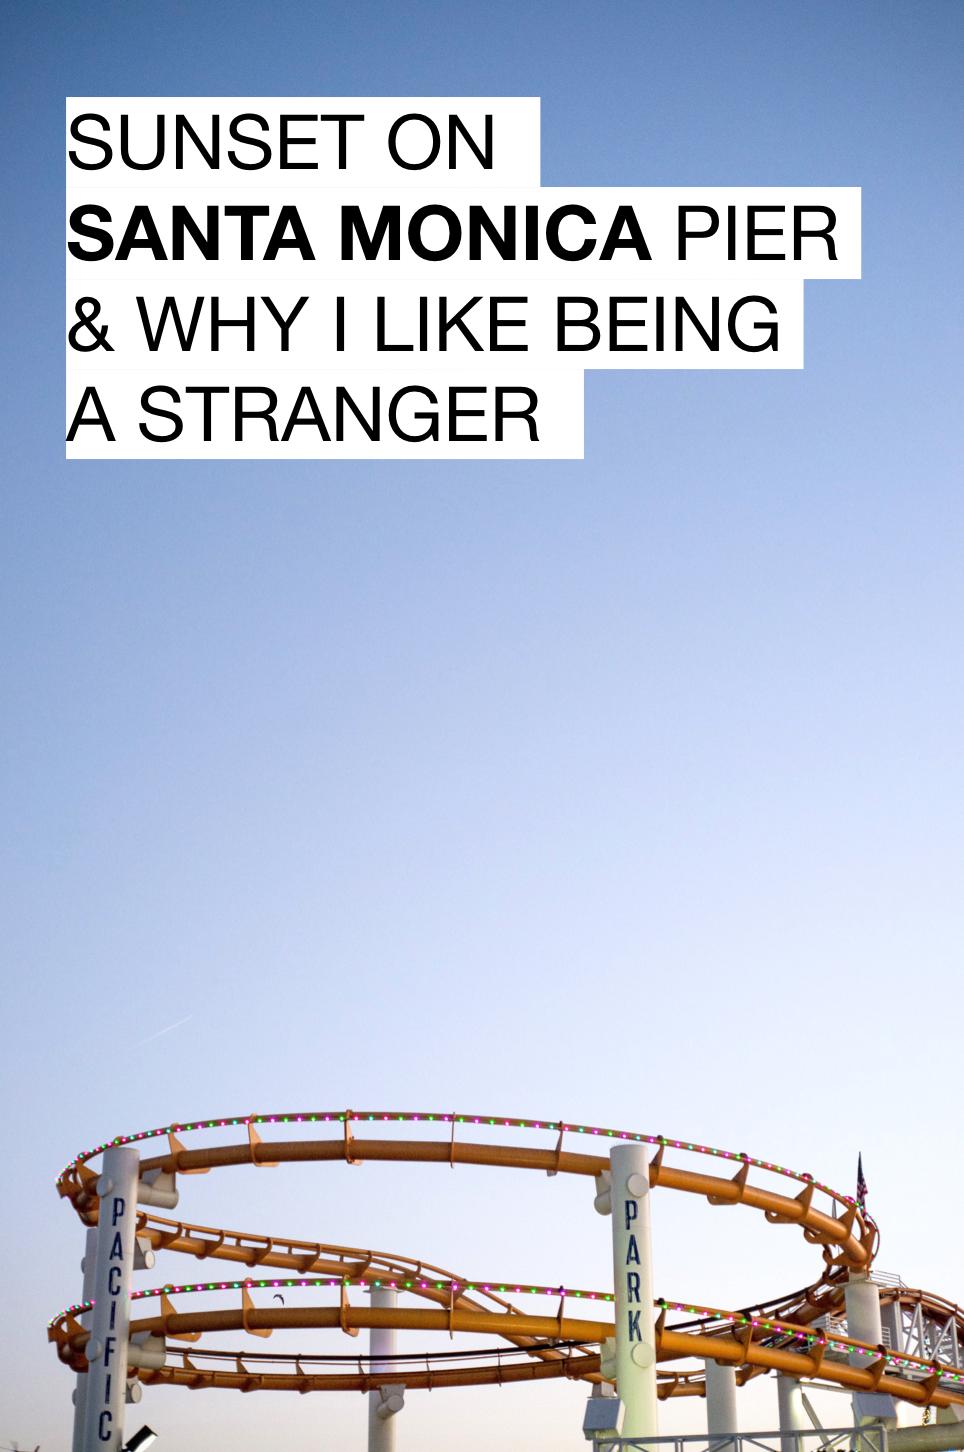 SUNSET ON SANTA MONICA PIER & WHY I LIKE BEING A STRANGER